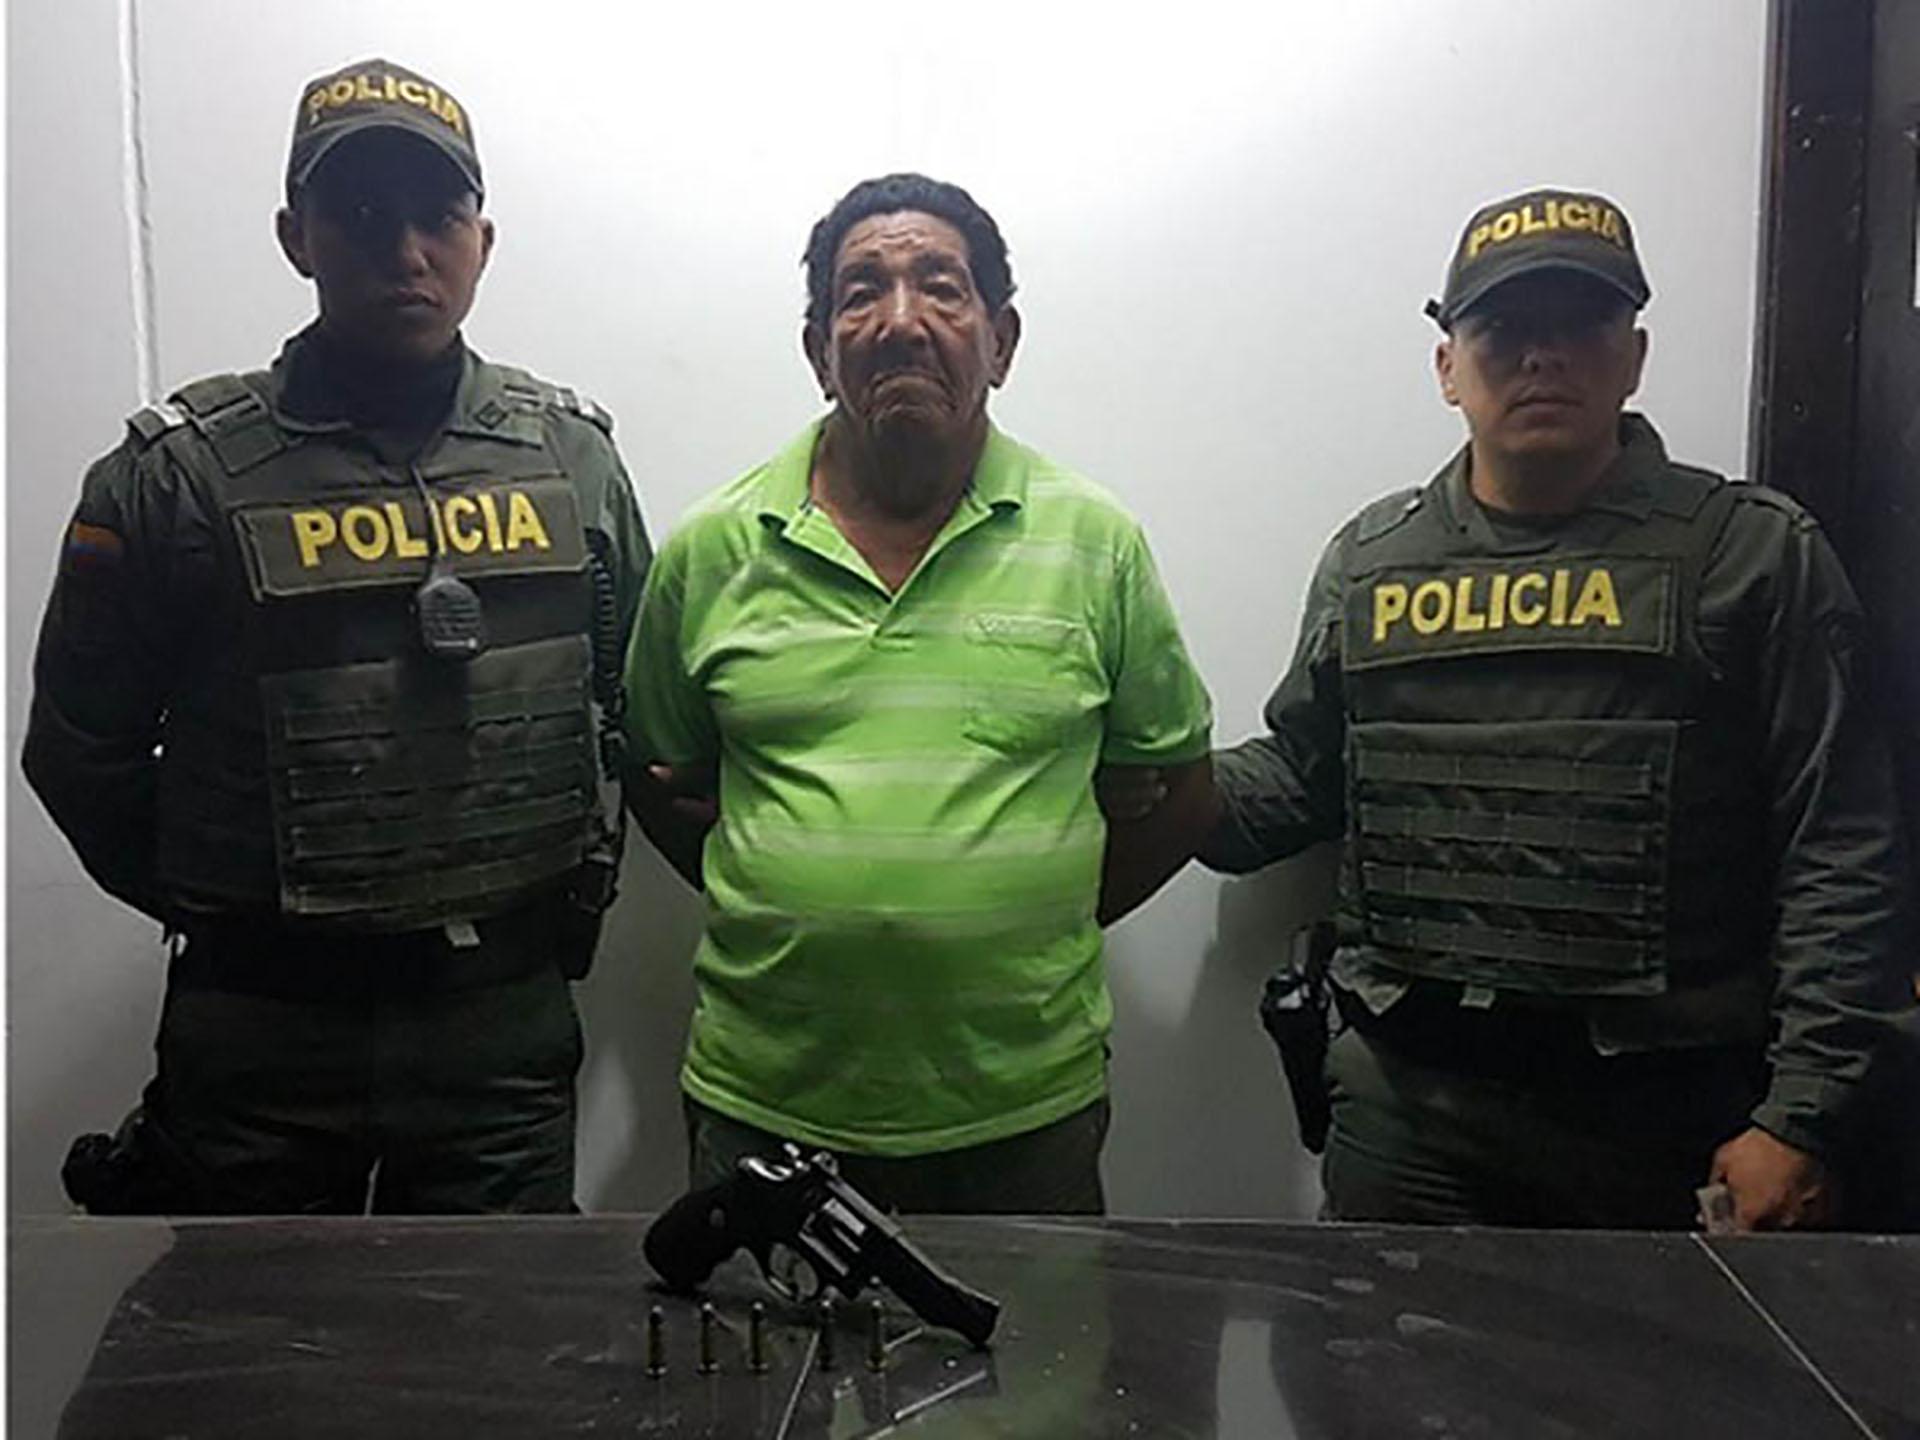 Jaime Montaño Pinedo, de 74 años, fue capturado por disparar en el rostro a una vecina en el barrio Pescaíto, de Santa Marta.